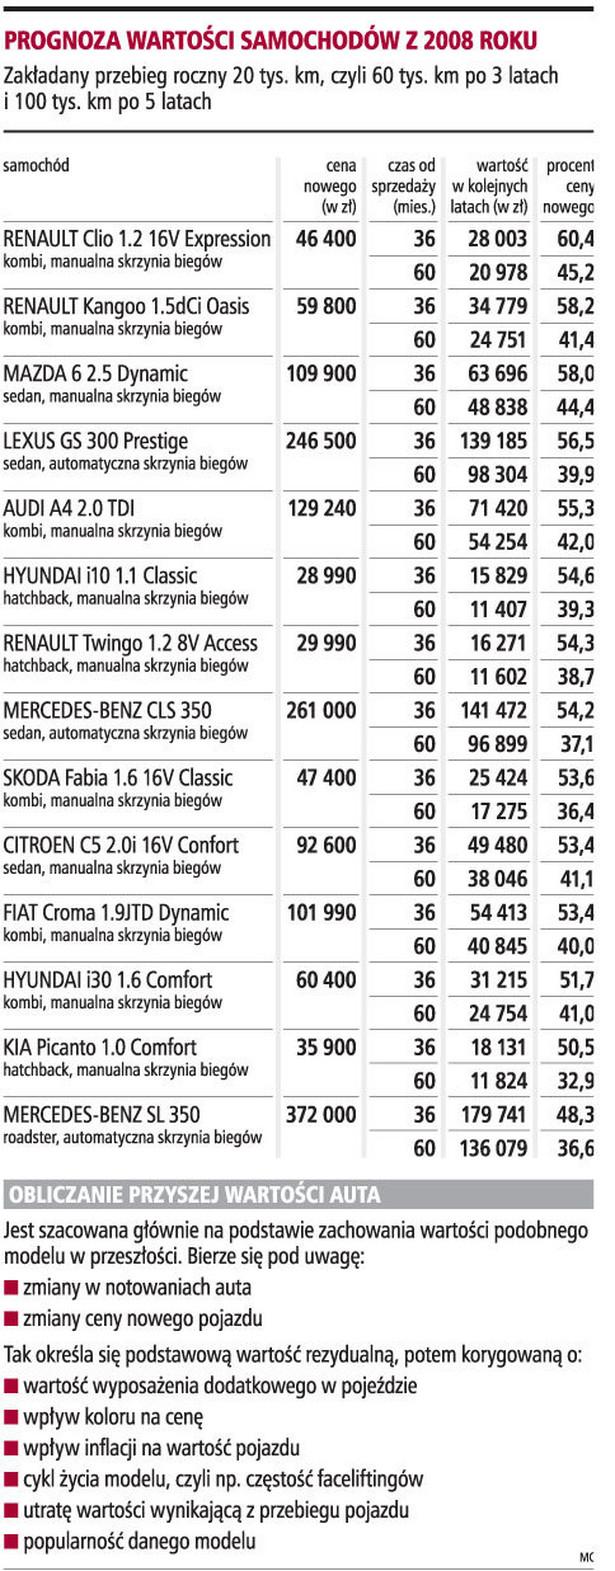 Prognoza wartości samochodów z 2008 roku